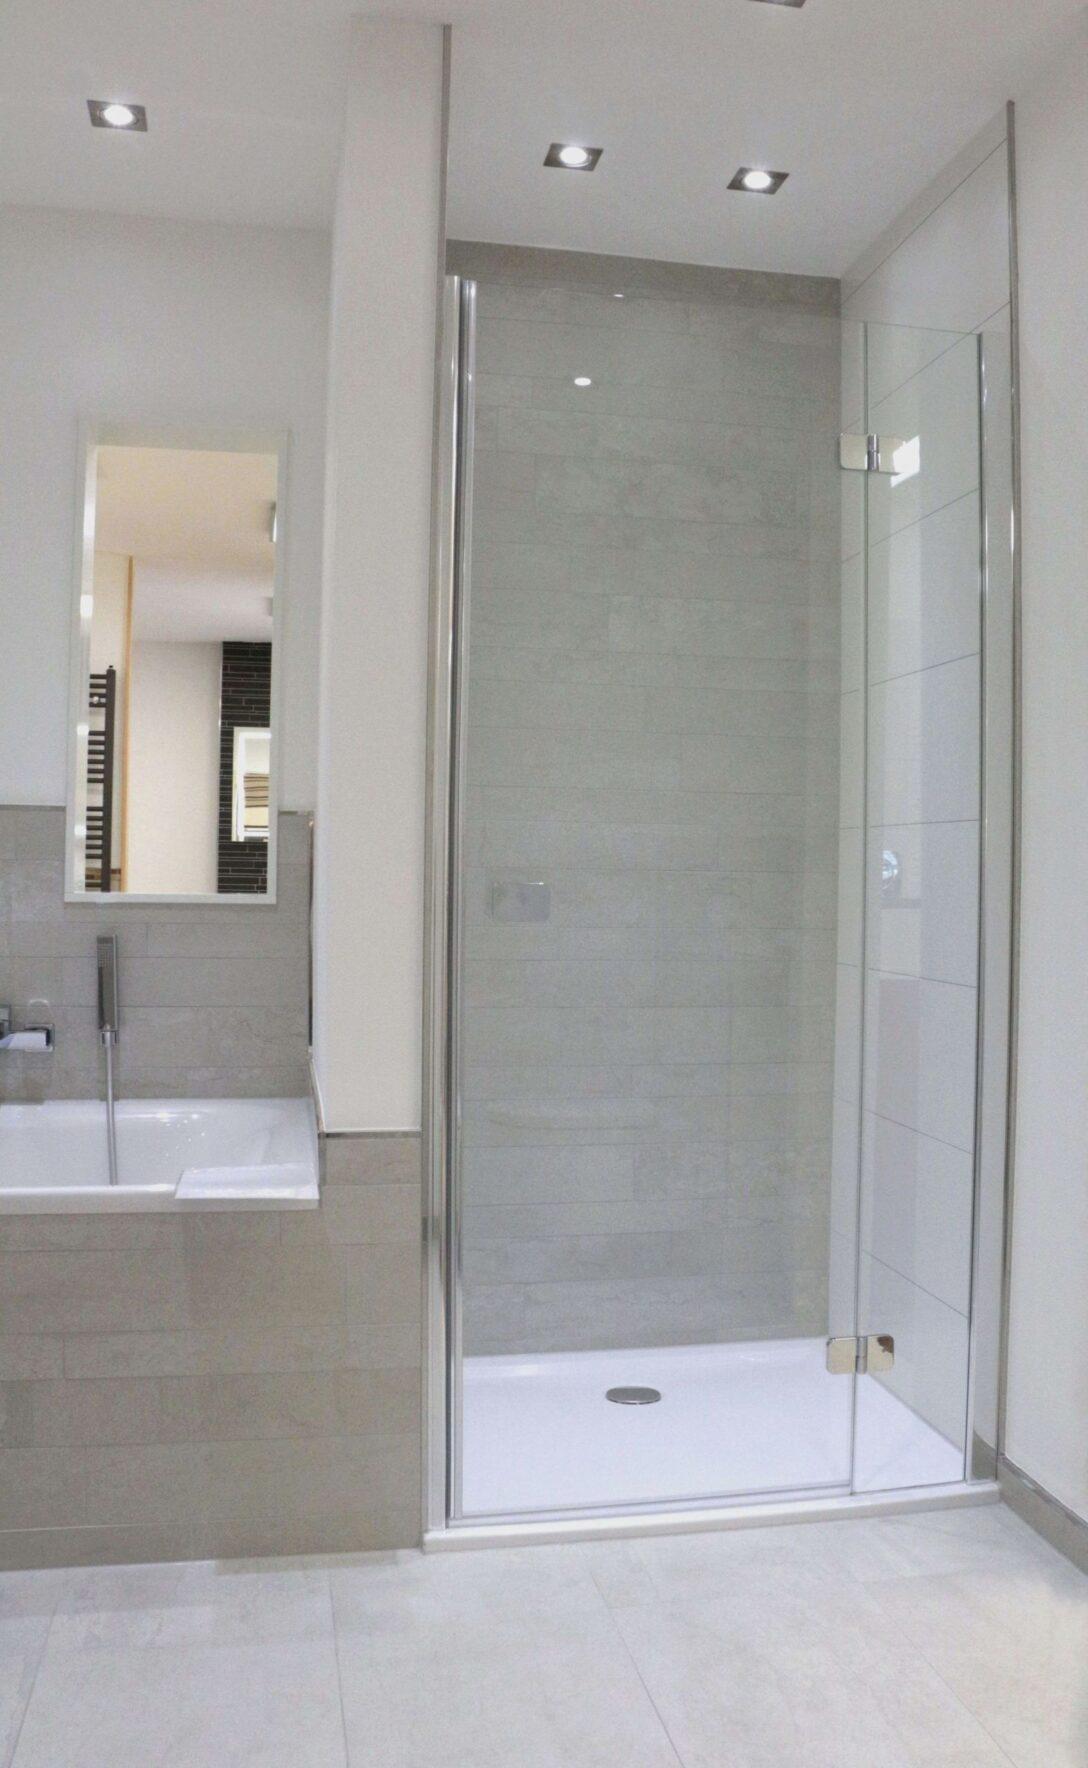 Large Size of Begehbare Duschen Dusche Bauen Fliesen Bodengleiche Hüppe Kaufen Schulte Breuer Moderne Hsk Werksverkauf Sprinz Ohne Tür Dusche Begehbare Duschen